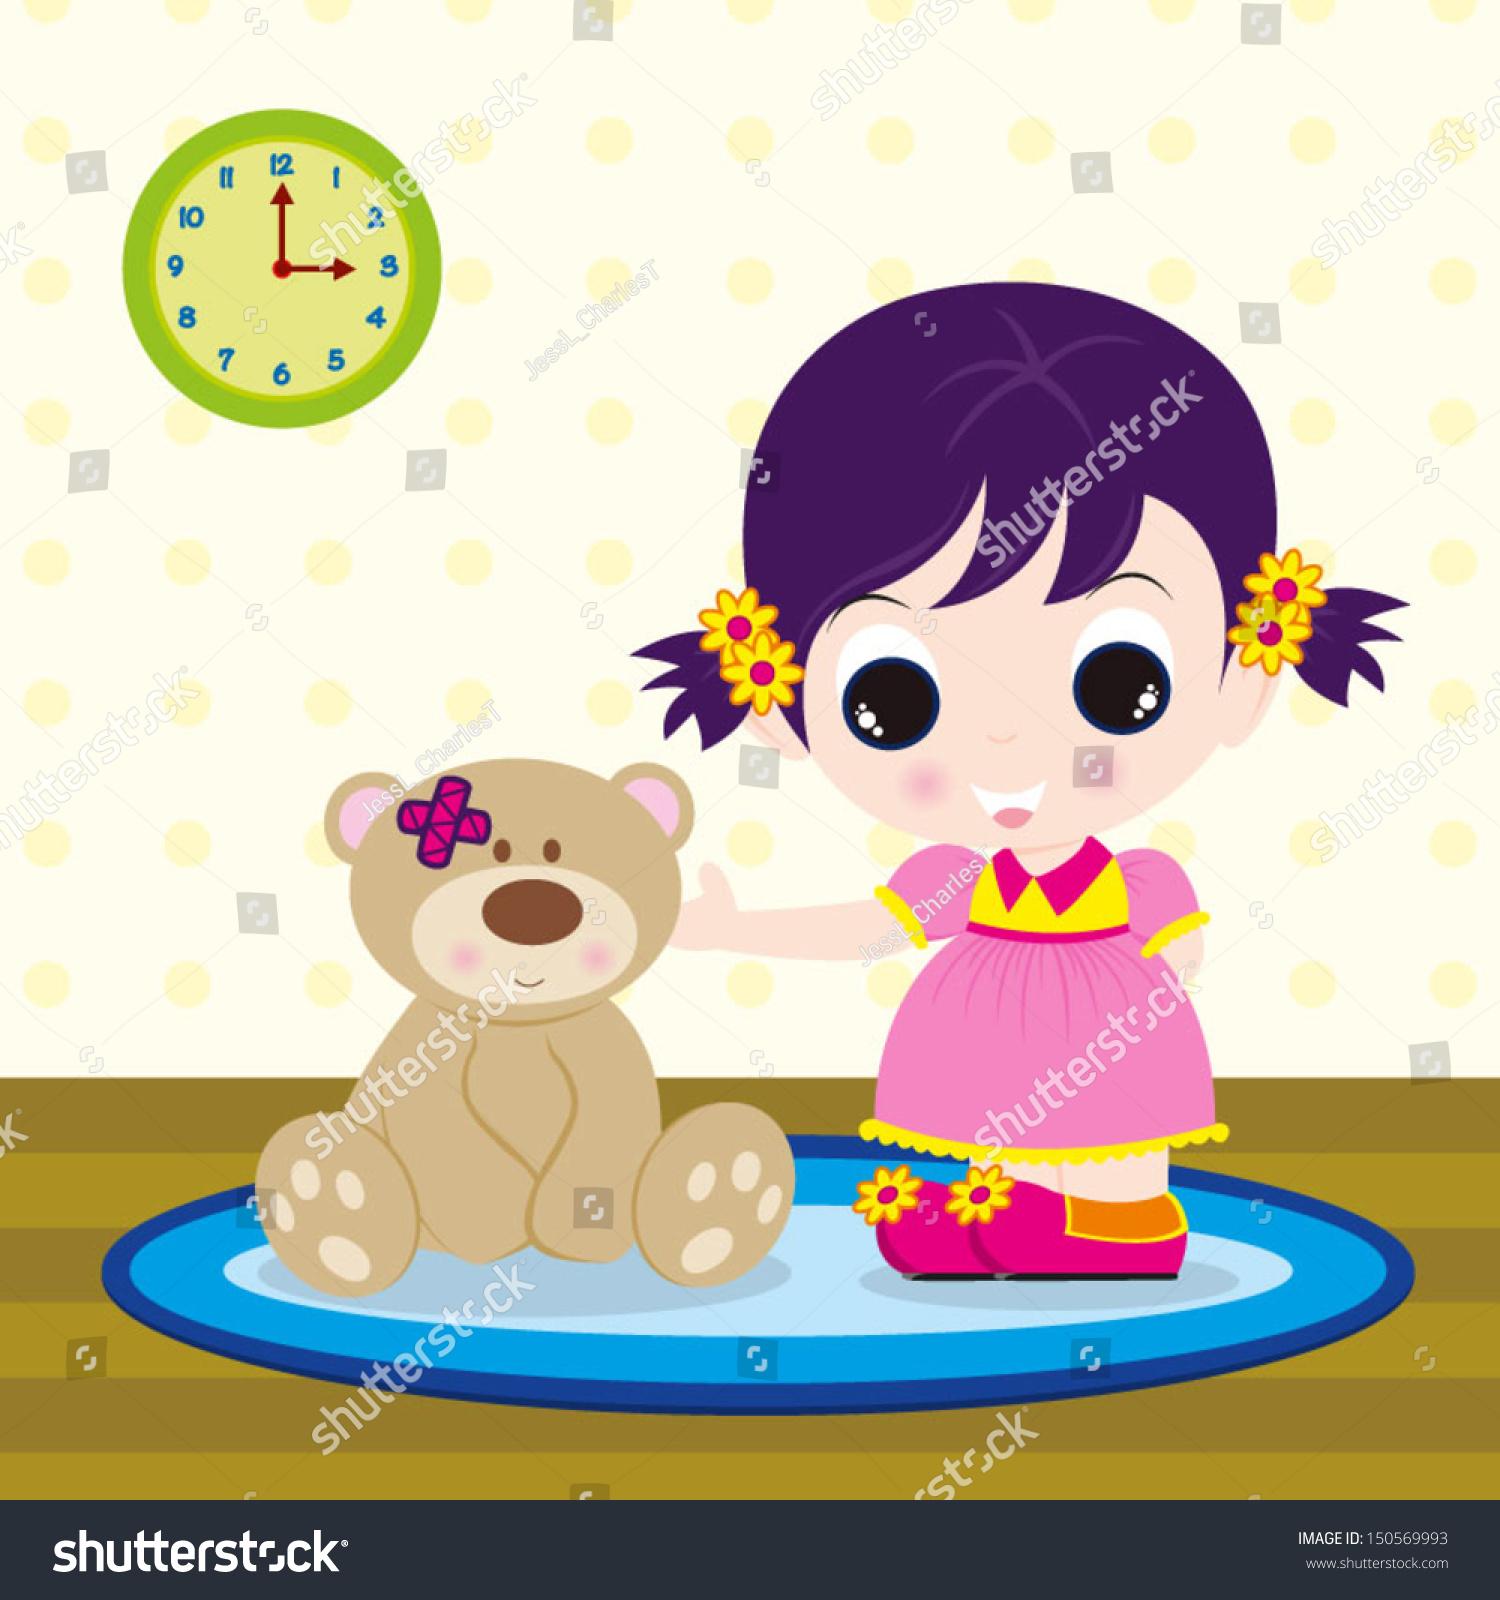 可爱的小娃娃的女孩:可爱的小女孩和一只泰迪熊在